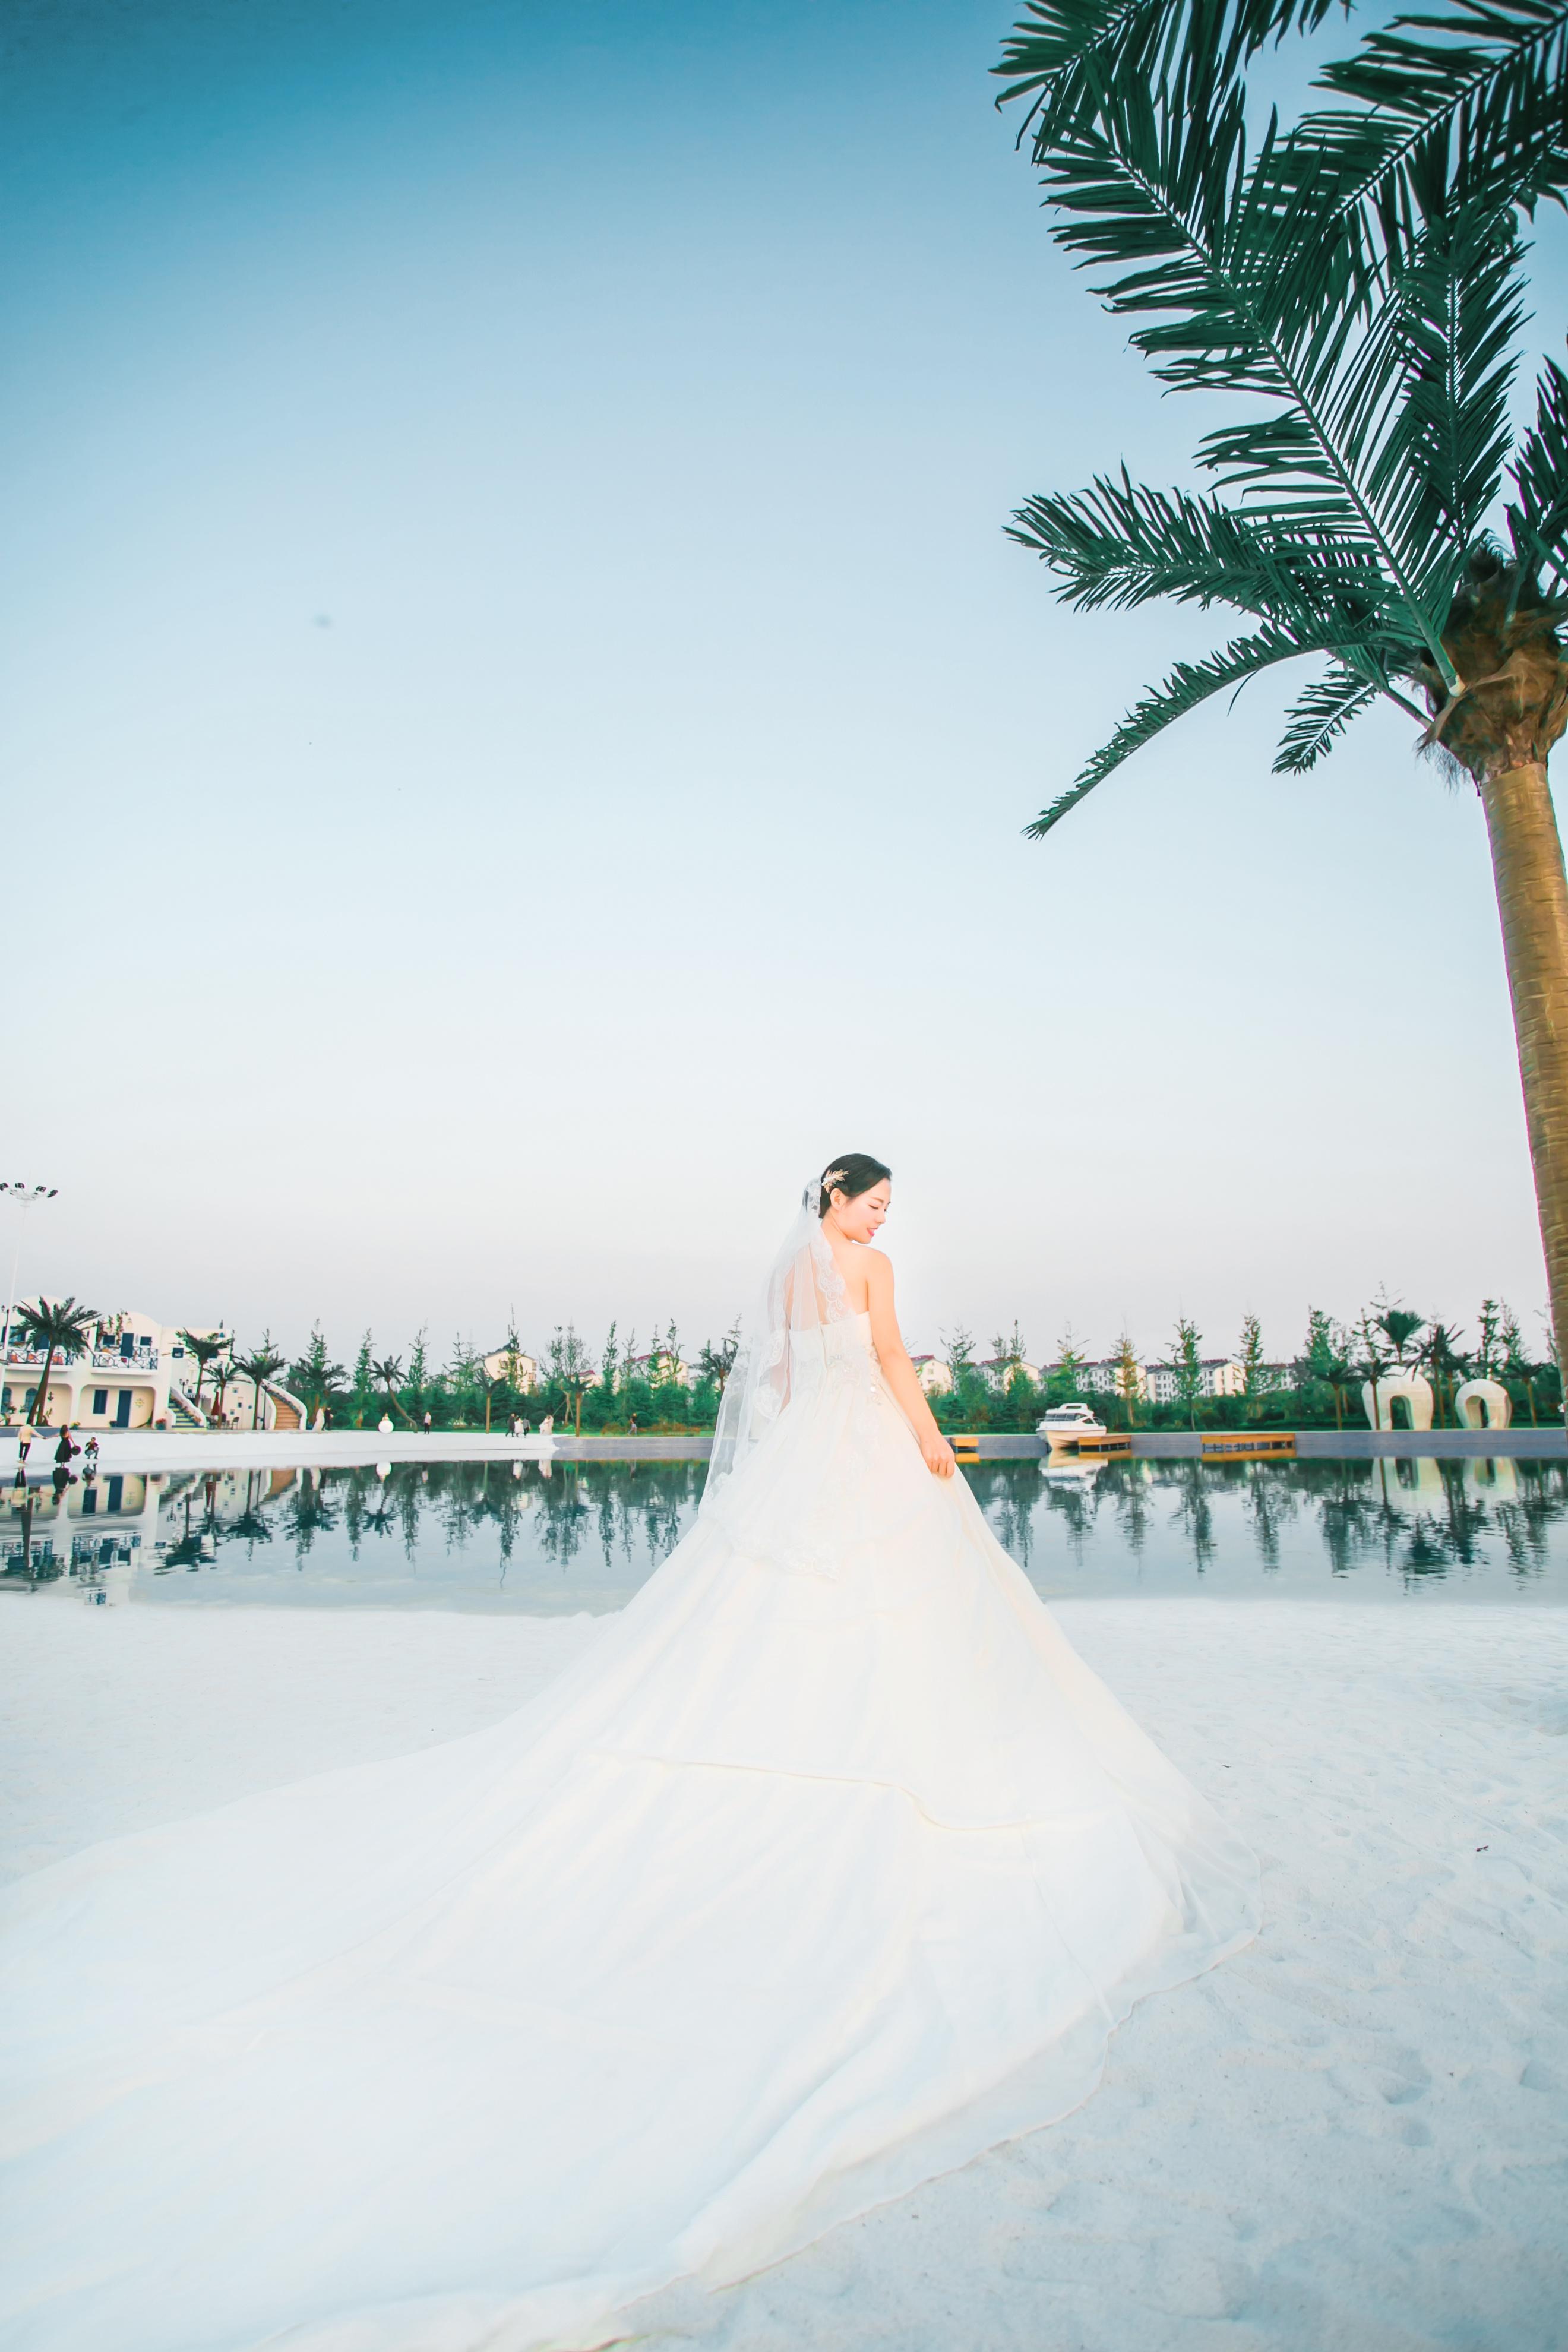 婚纱照高清图片 黑白婚纱照背影图片婚纱照背影图